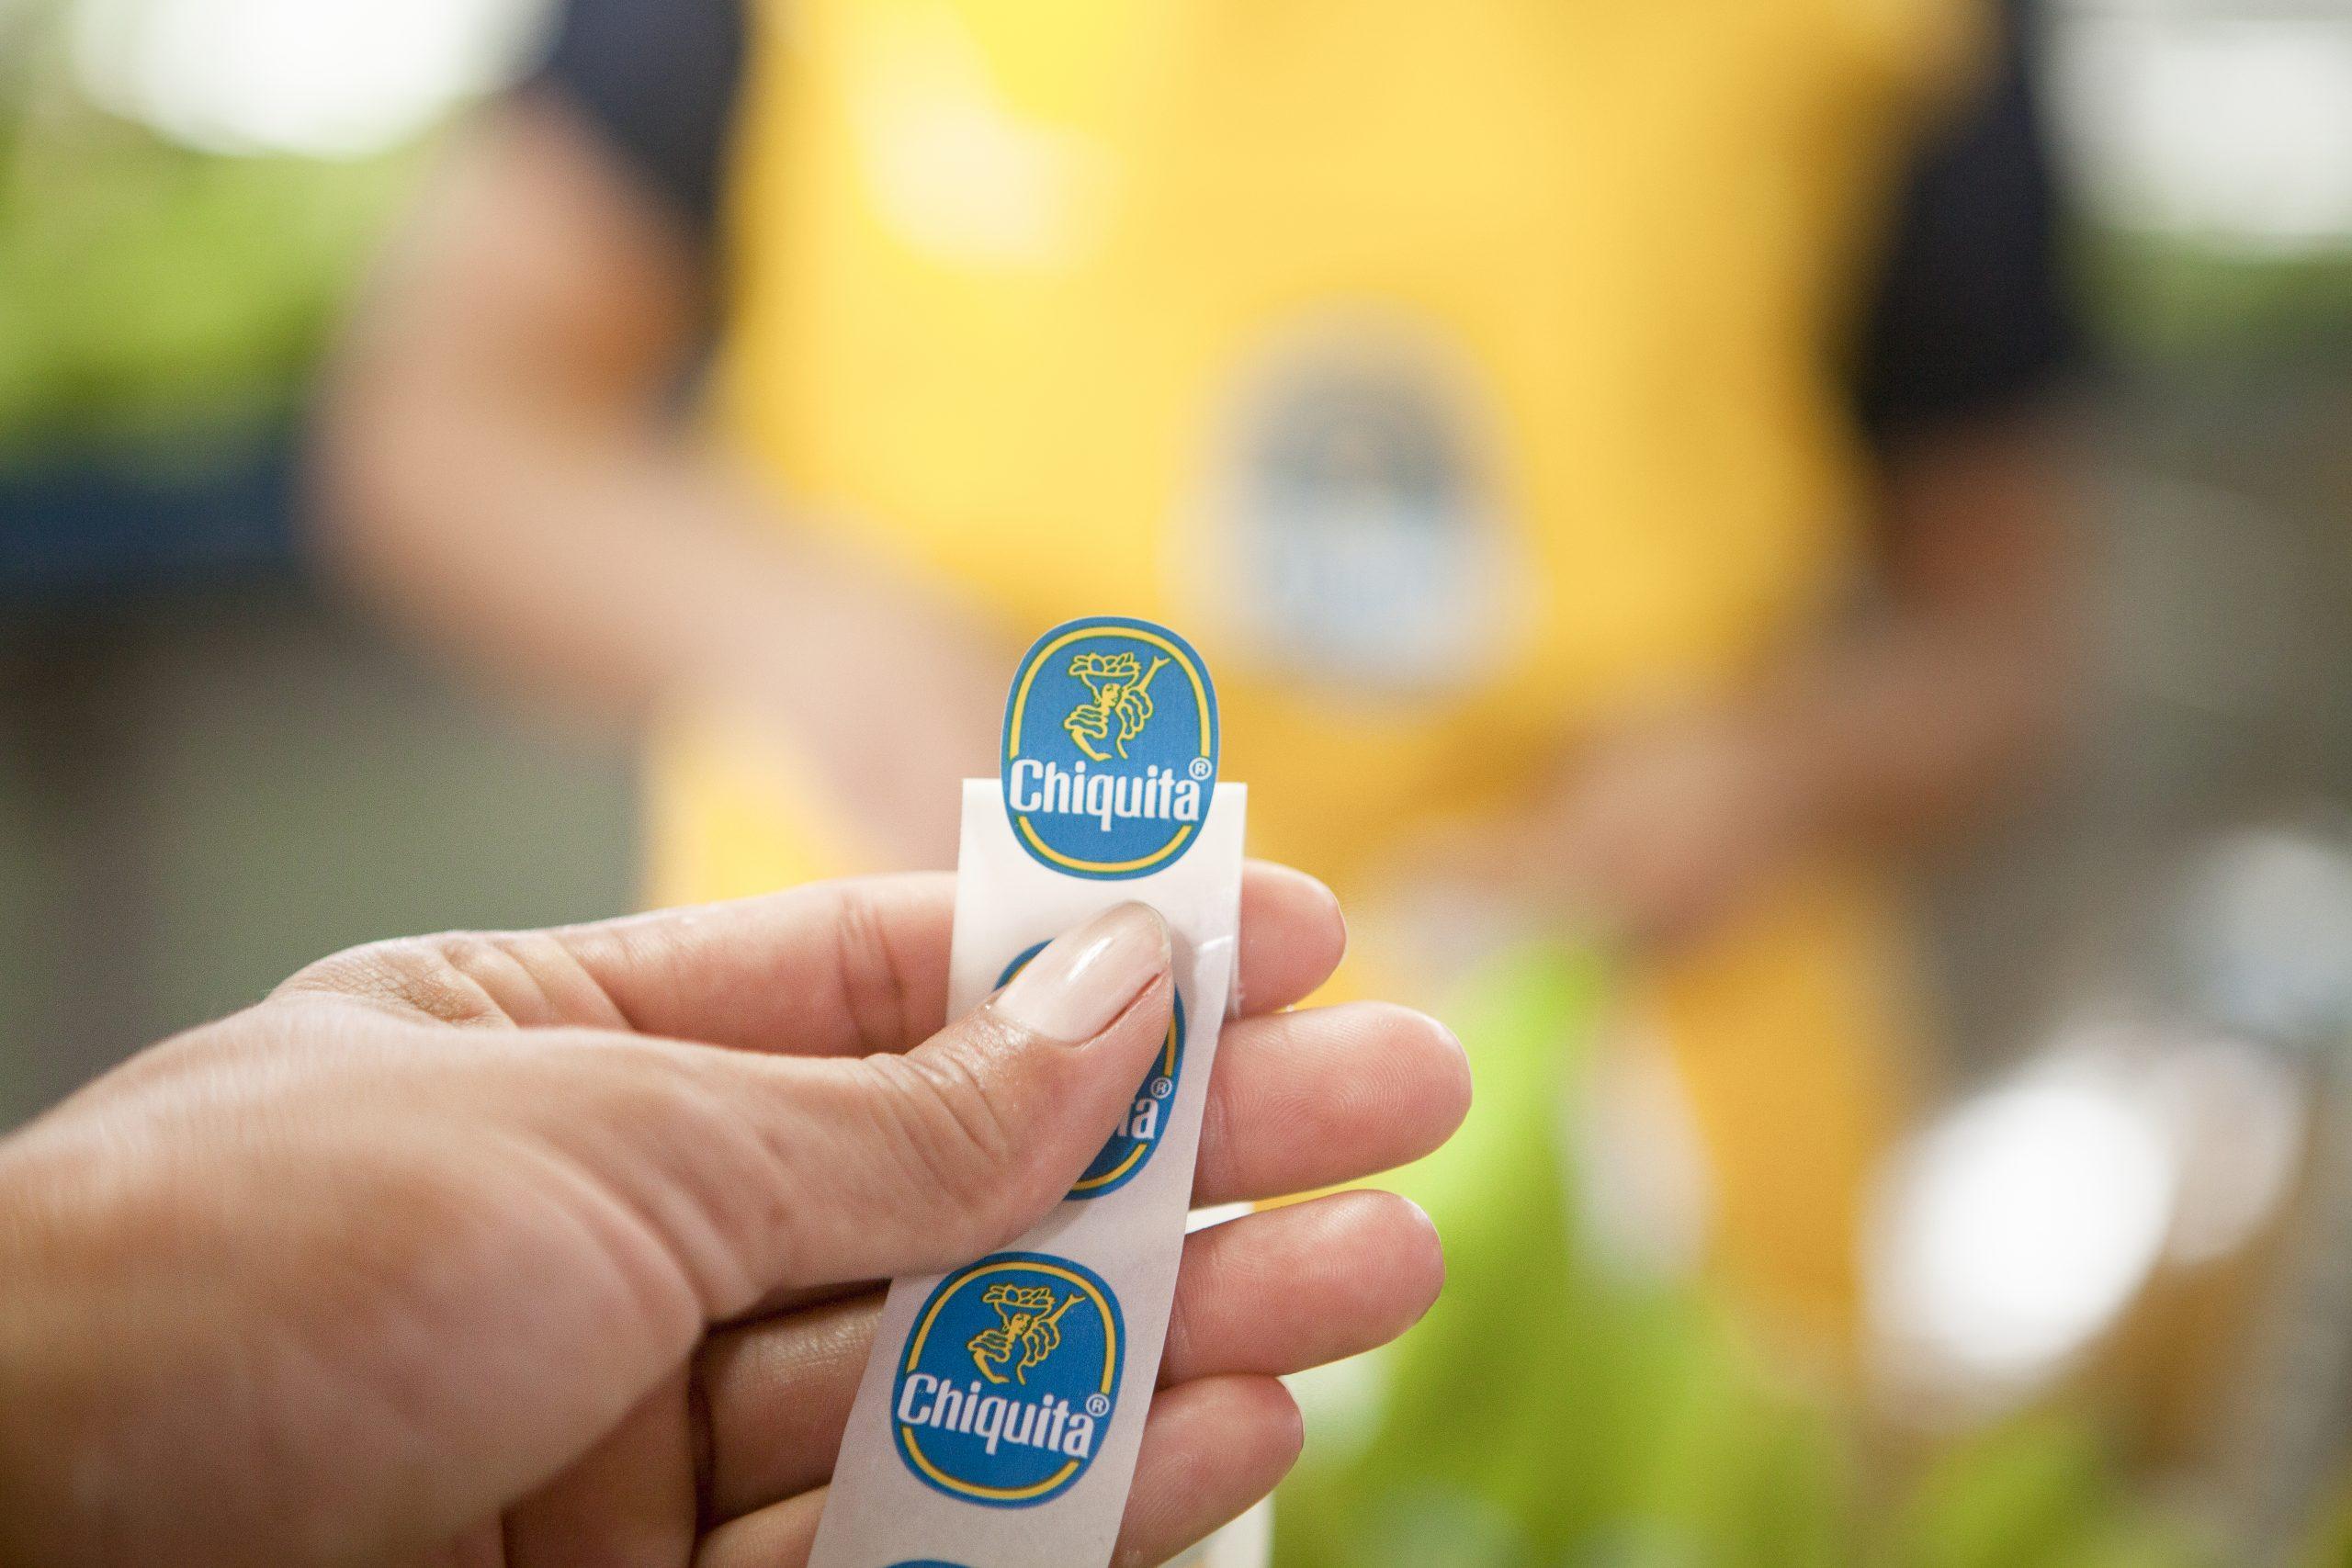 Autocollant Bleu de la marque de bananes Chiquita